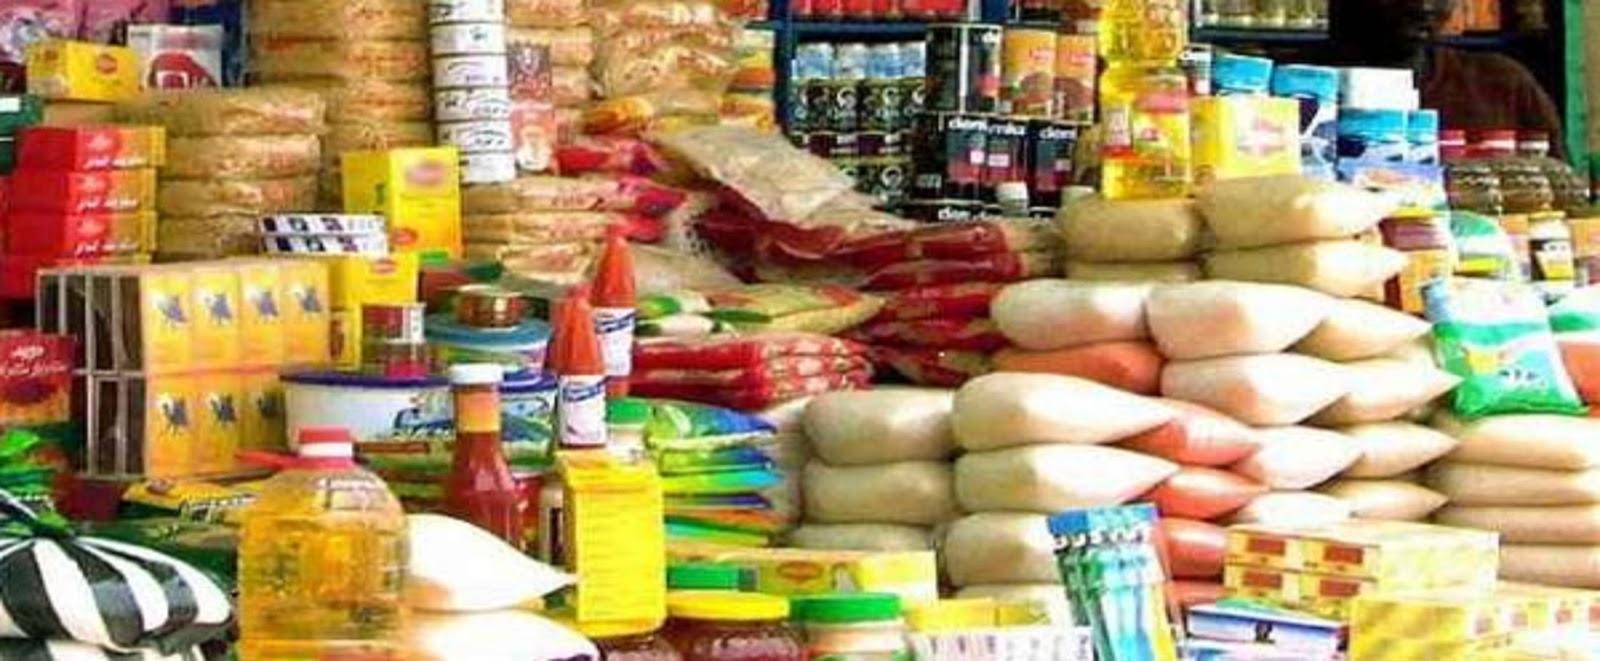 أسعار السلع التموينيه والغذائية في مصر 2021